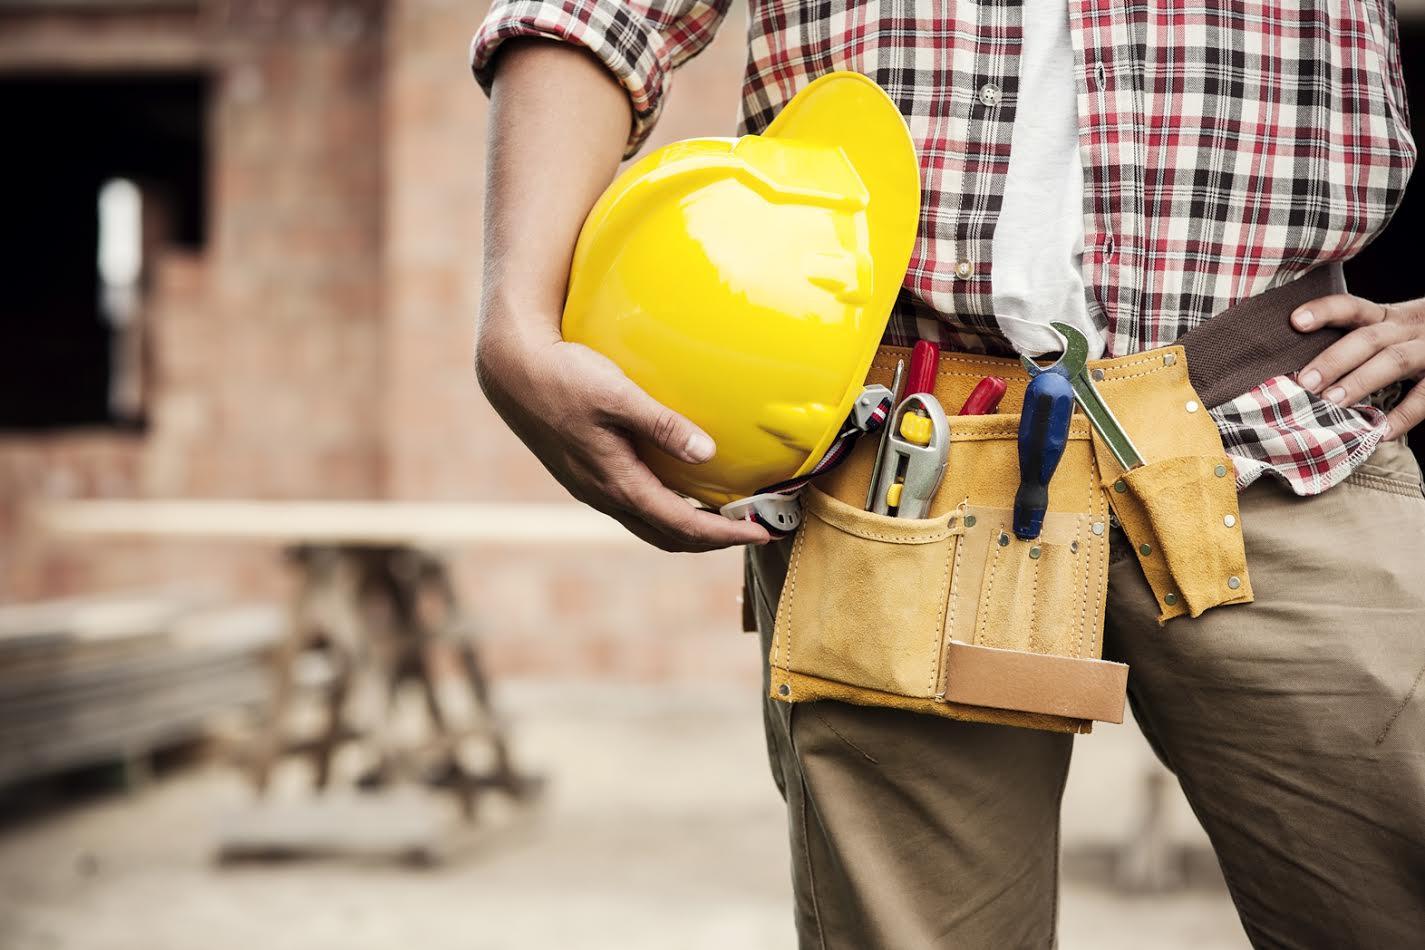 Concurso de emprendimiento impulsa nuevos modelos de construcción sostenible